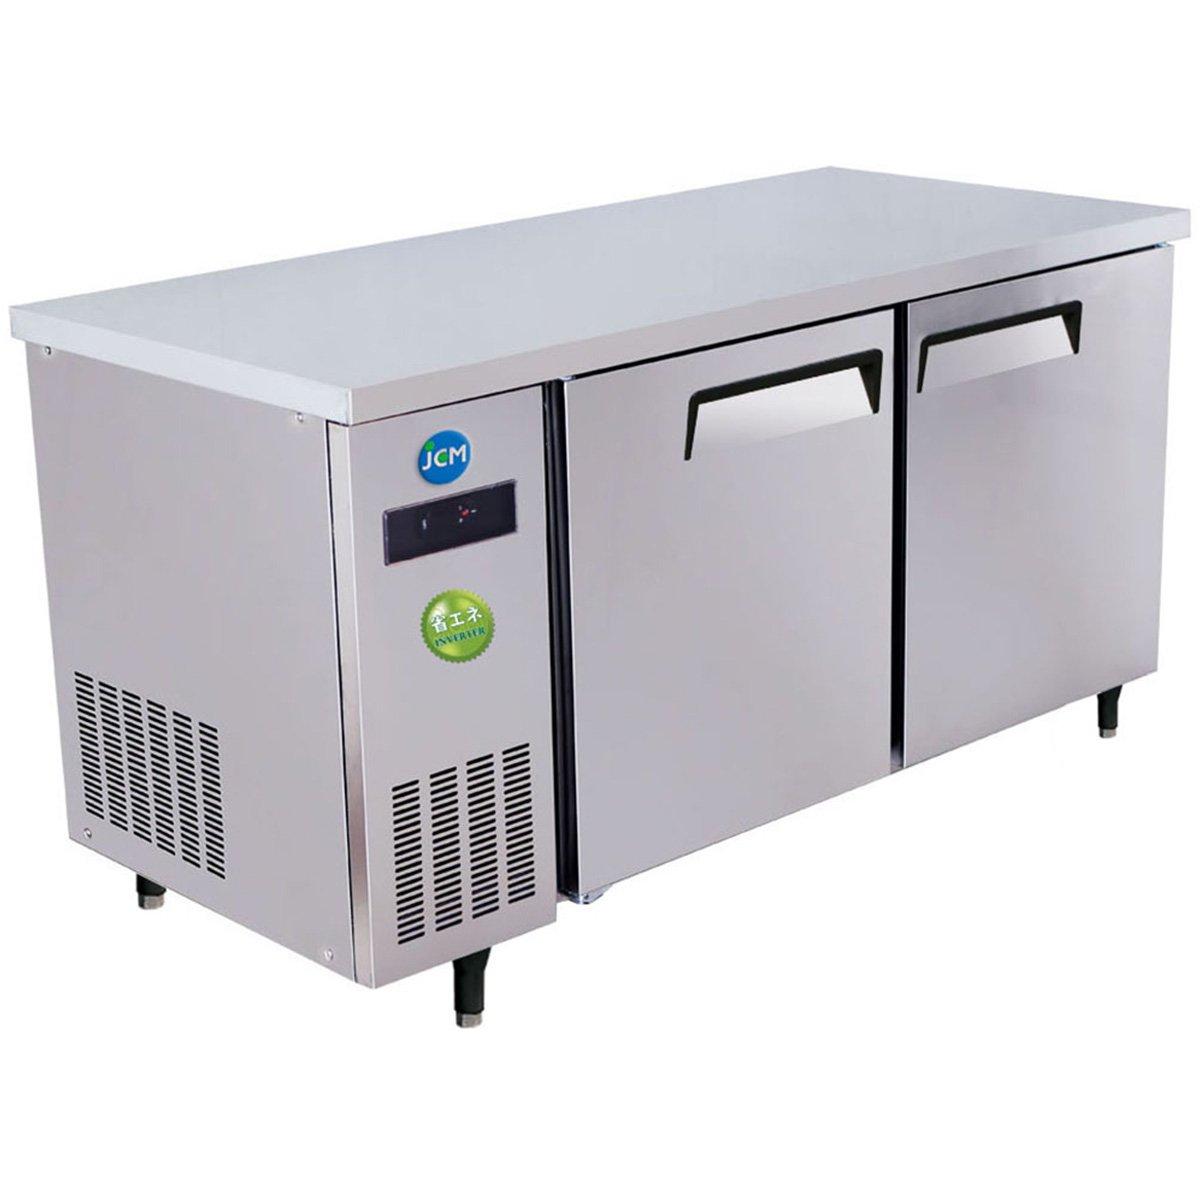 (ジェーシーエム)JCM 省エネIシリーズ ヨコ型2ドア冷蔵庫 JCMR-1575T-I 400リットル 幅1500×奥行750×高さ800mm   B06XL16MMF